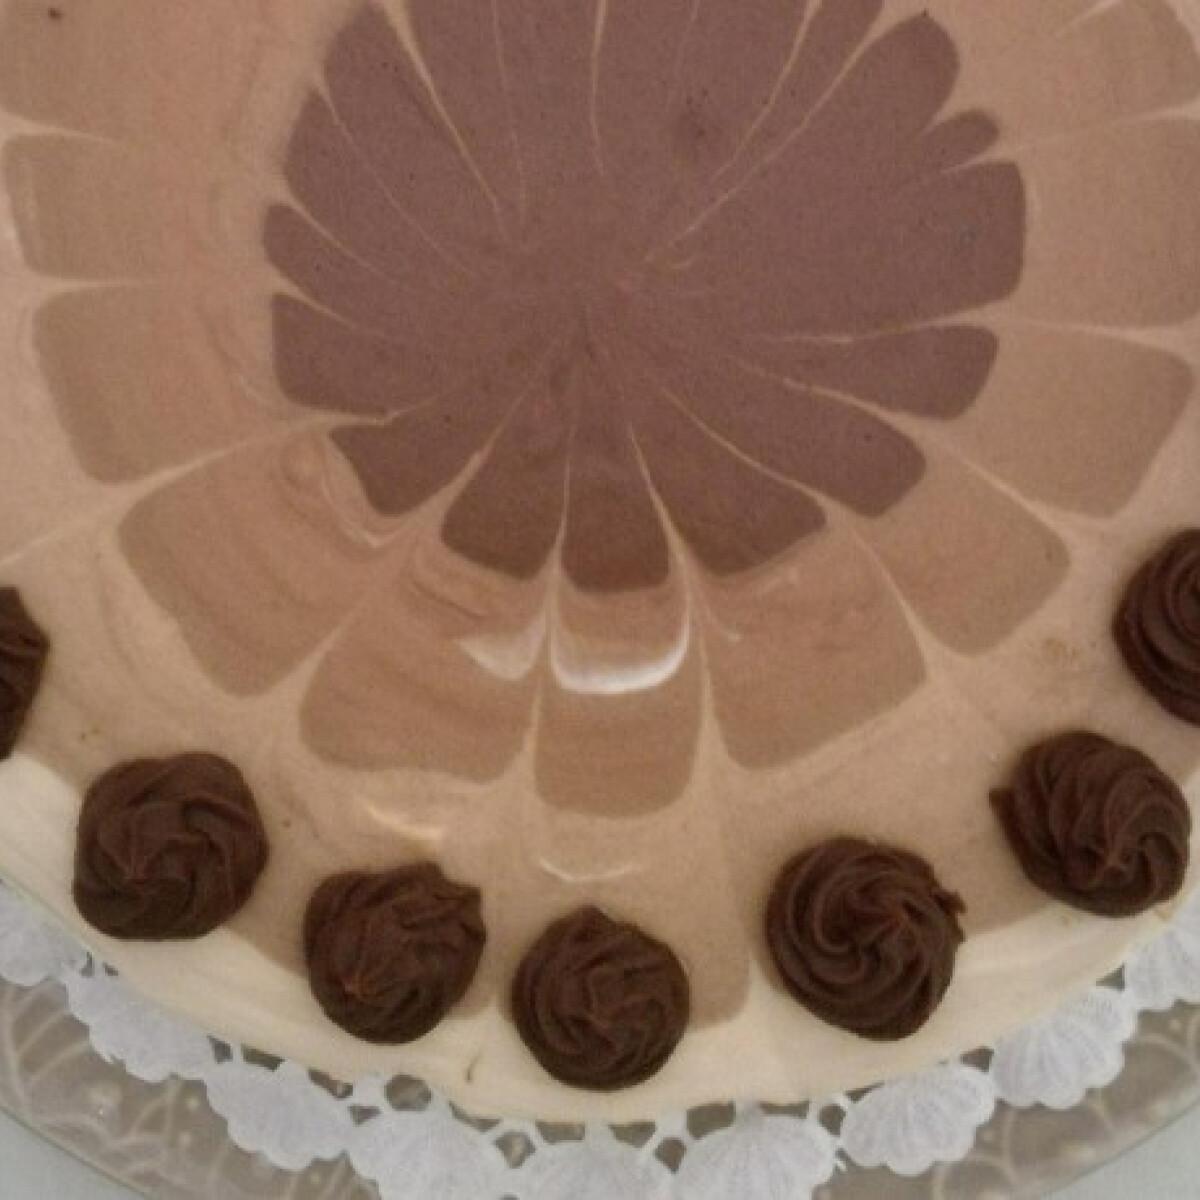 Ezen a képen: Ötszínű csokoládémousse-torta